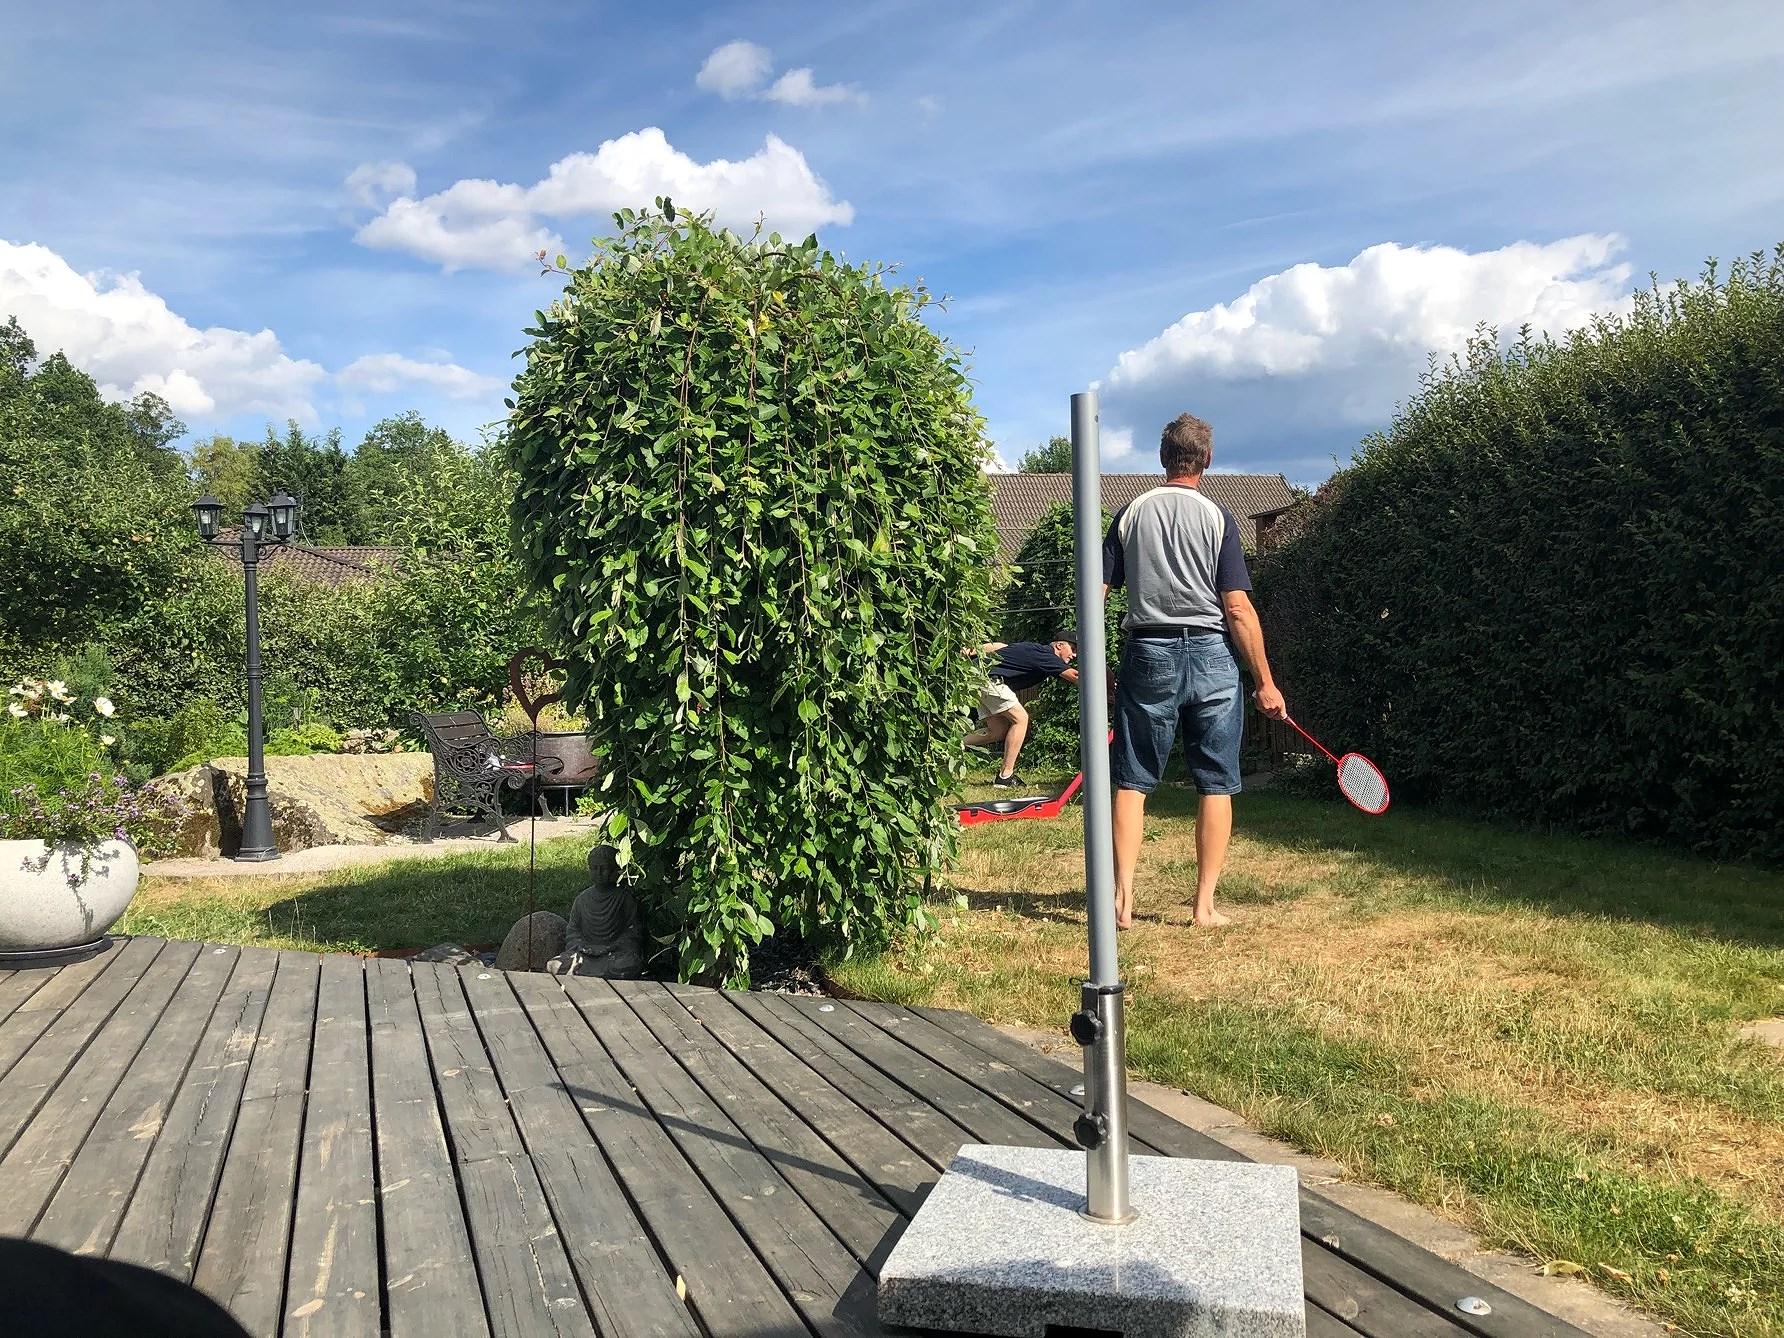 Badminton & att må skit